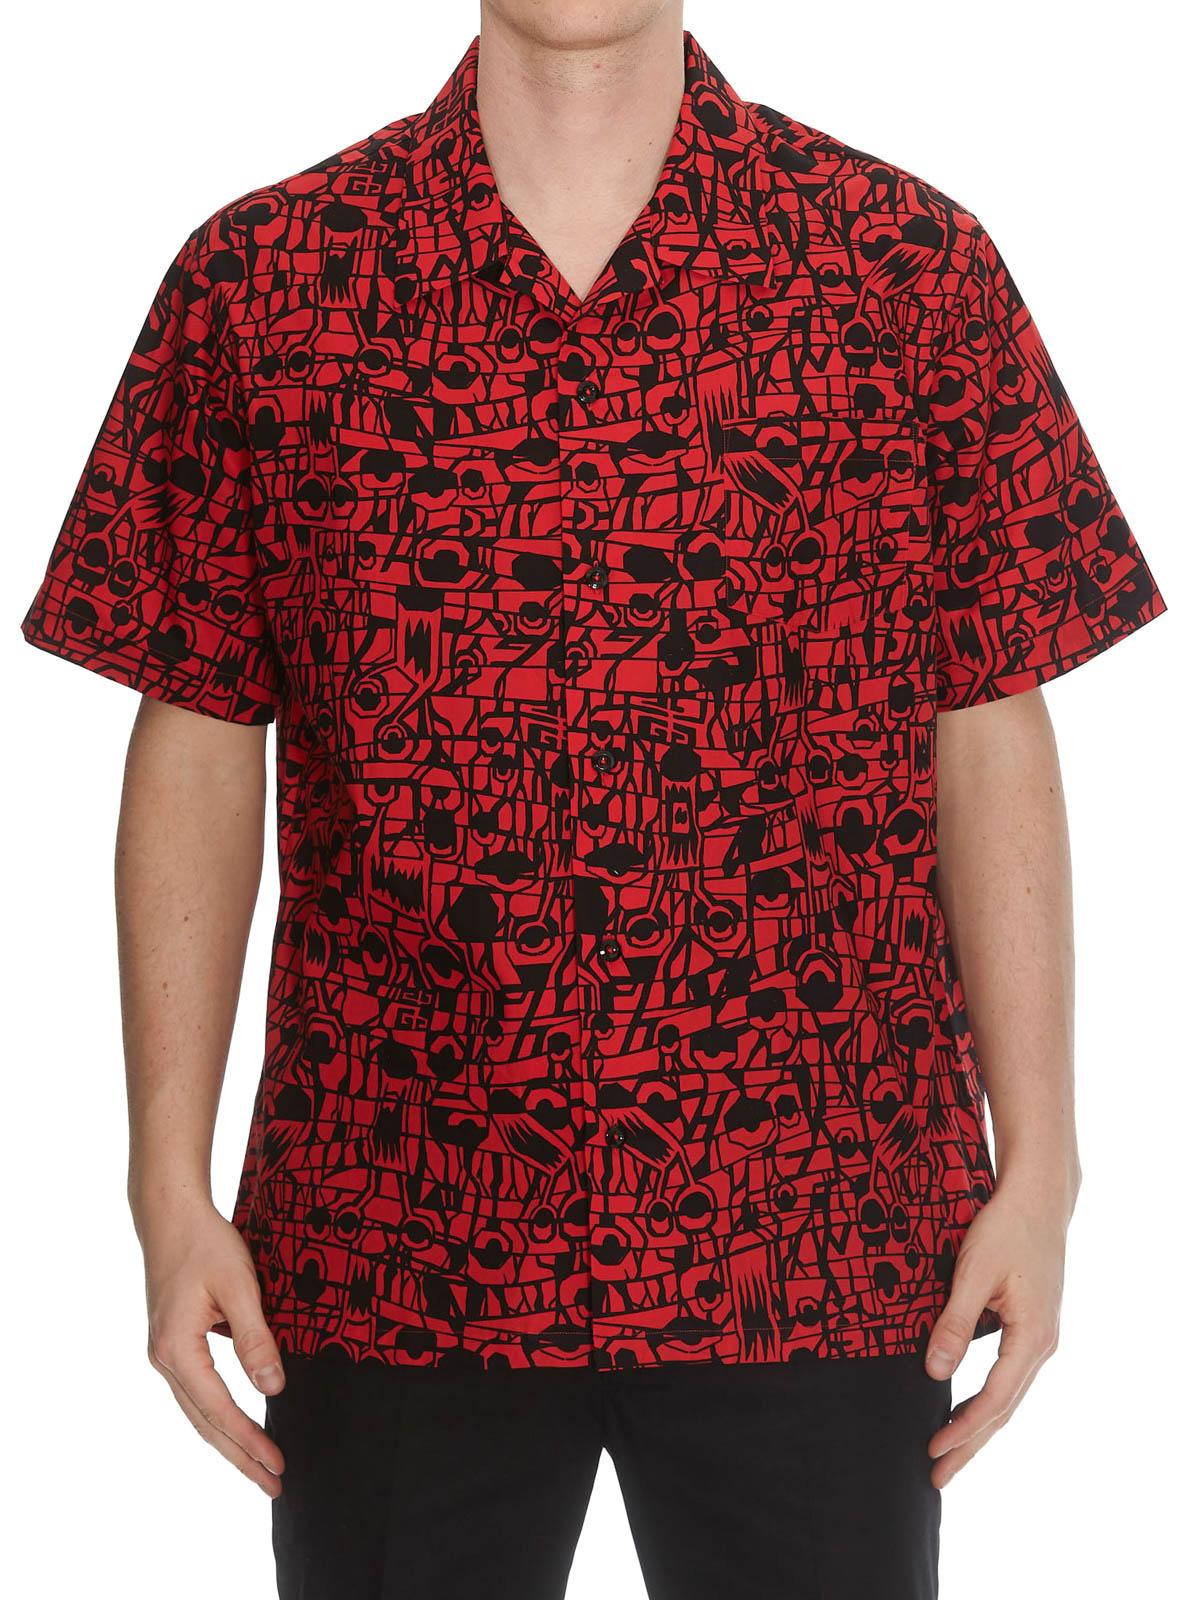 3843151e iKRIX GIVENCHY: shirts - Monster printed cotton Hawaiian shirt